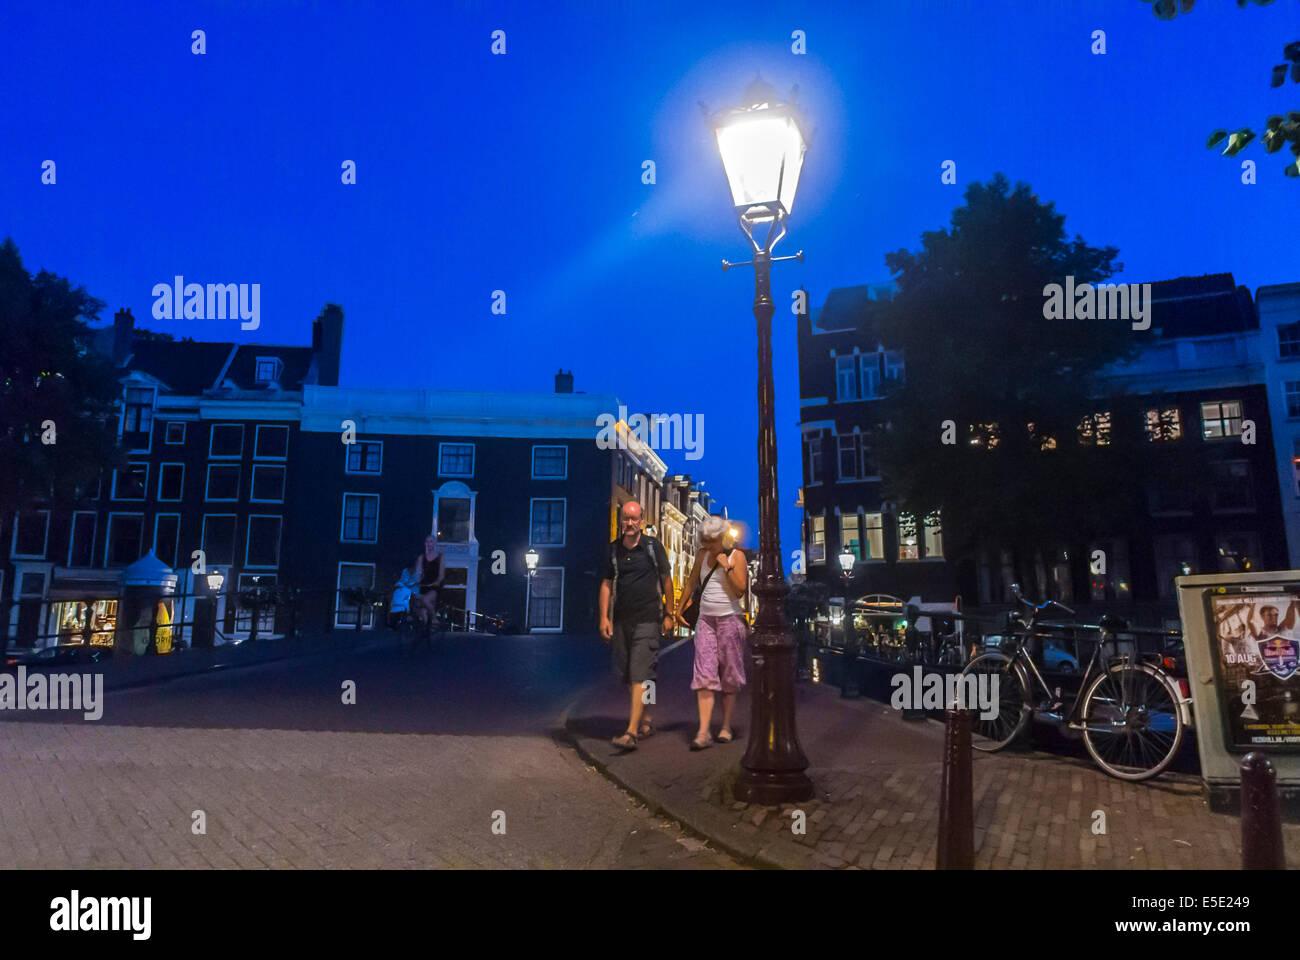 Amsterdam, Holland, Niederlande, Street Scene, Geringer Stromverbrauch LED Beleuchtung,  Lampe In Der Nacht, Ein Paar Touristen,